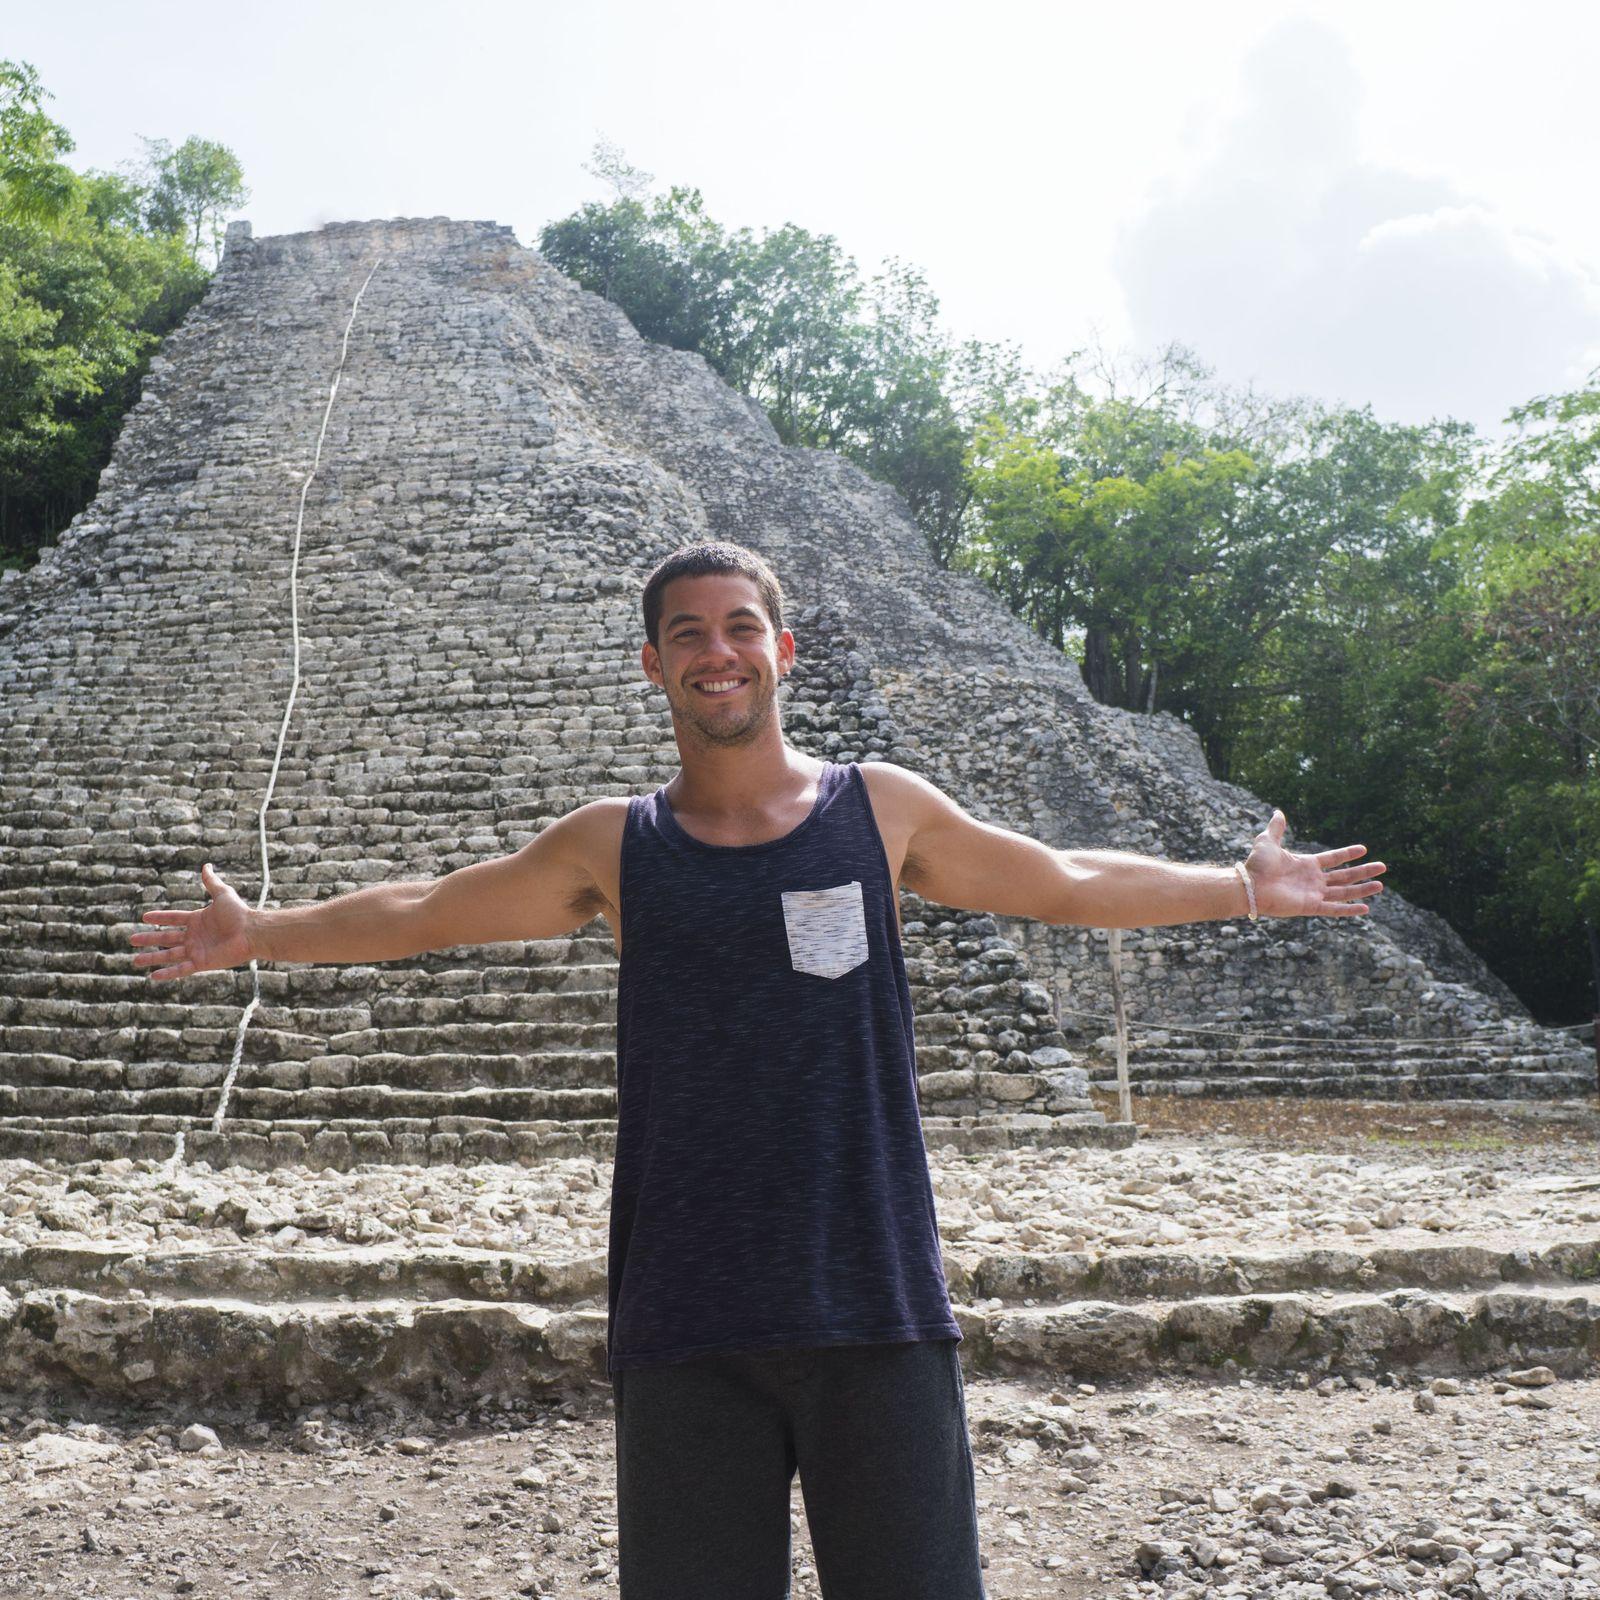 Visitar la pirámide Nohoch Mul en Cobá y subir arriba para disfrutar las vistas